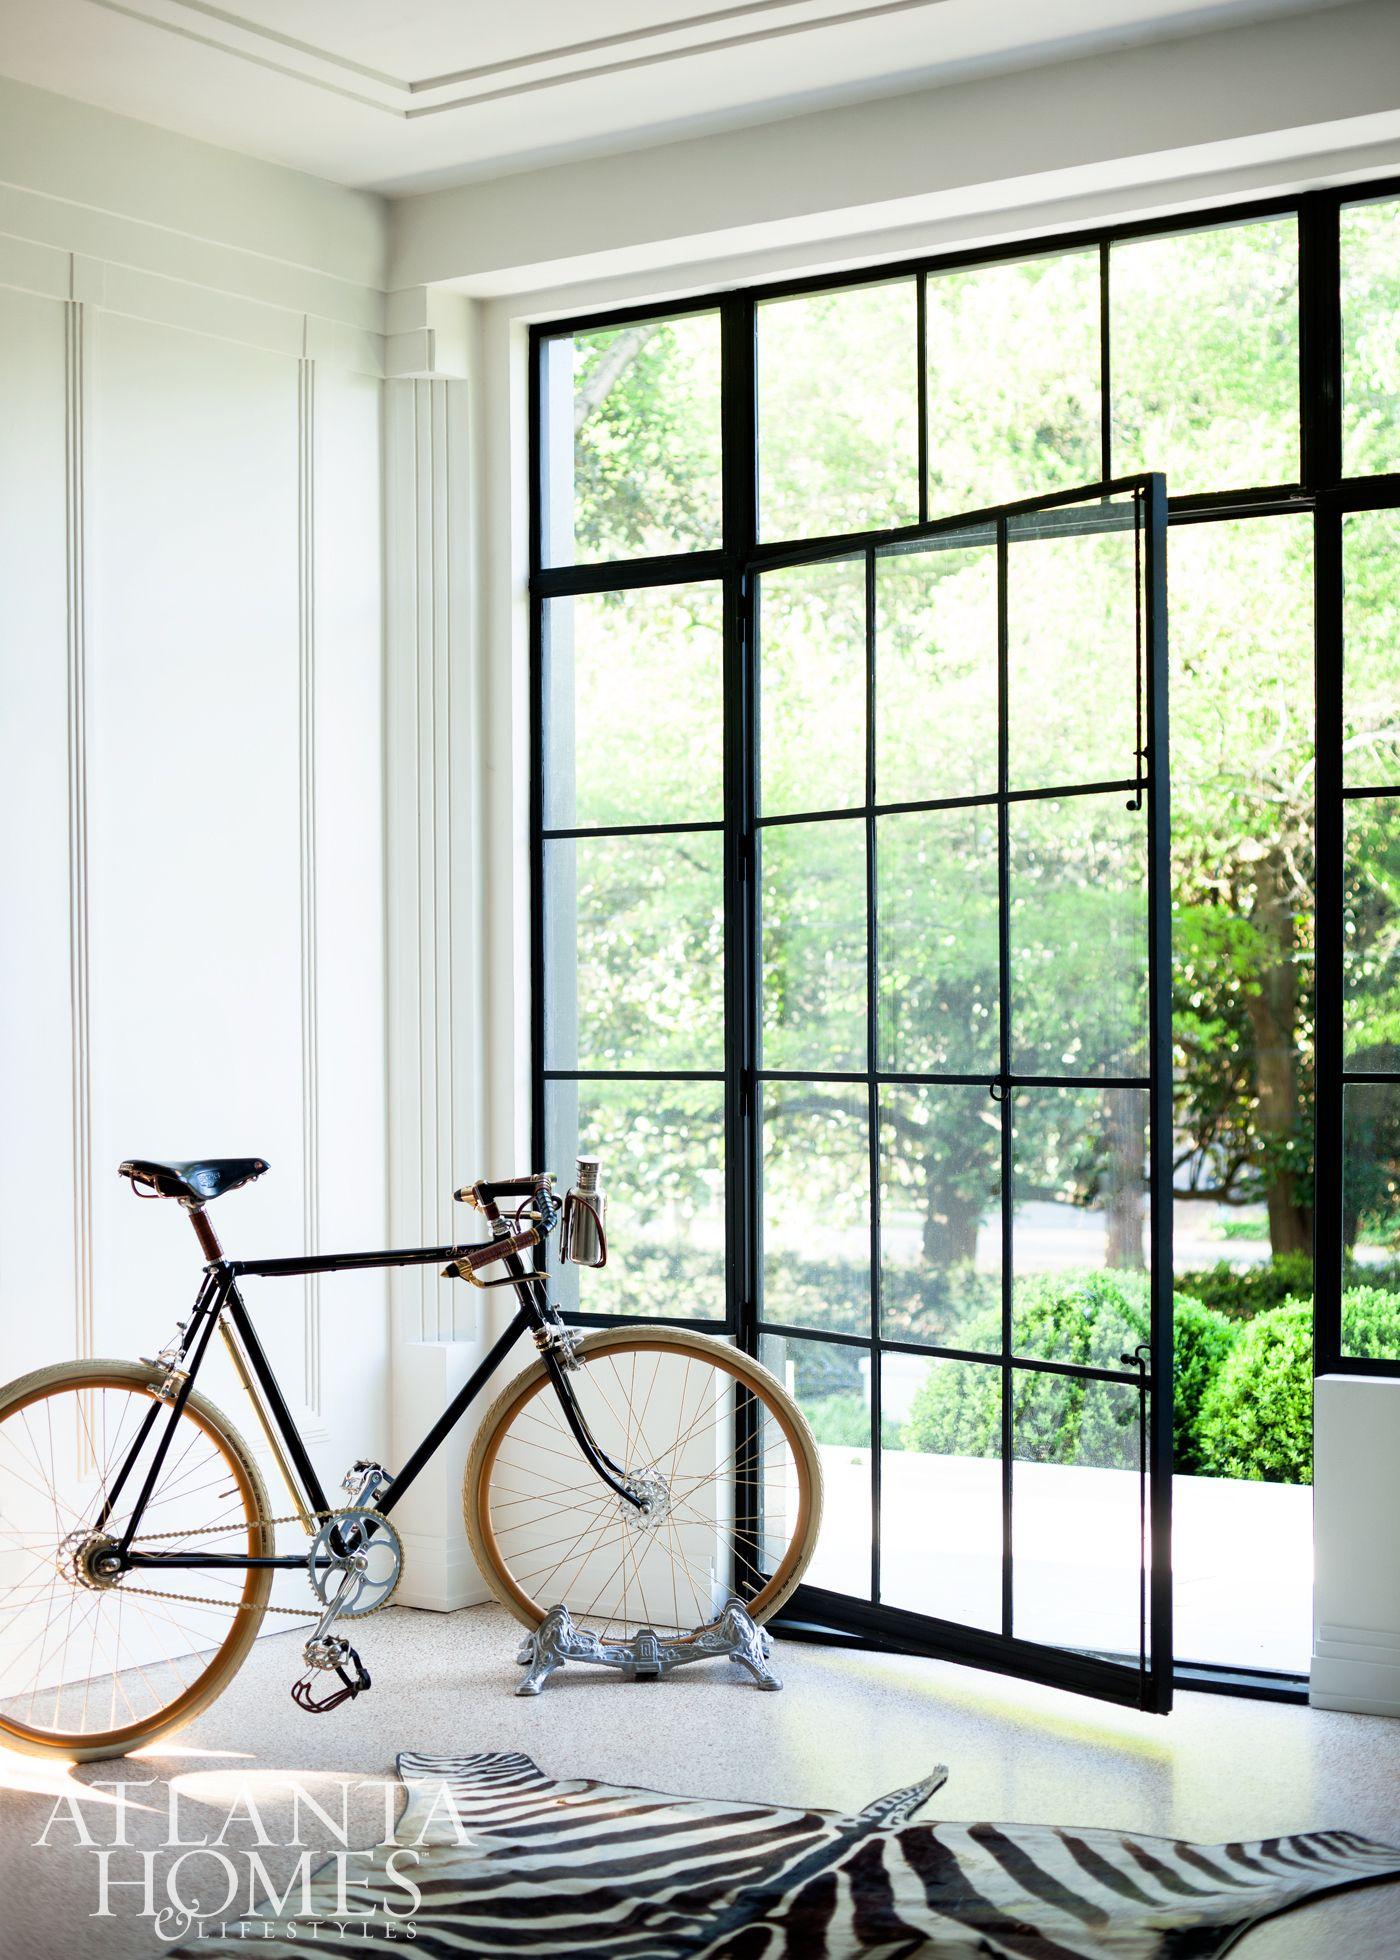 Evans Cucich Hayden House, Atlanta, GA | Images Courtesy Of Atlanta Homes